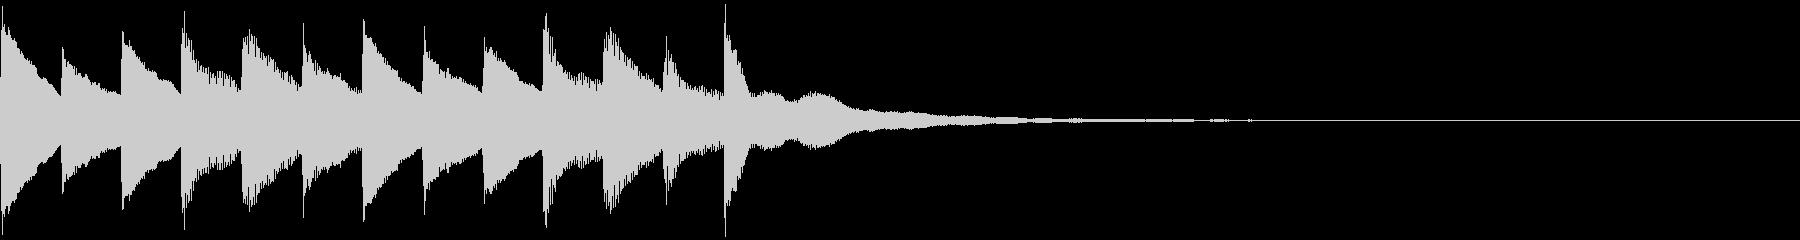 サウンドロゴ、ゴージャス感、verBの未再生の波形